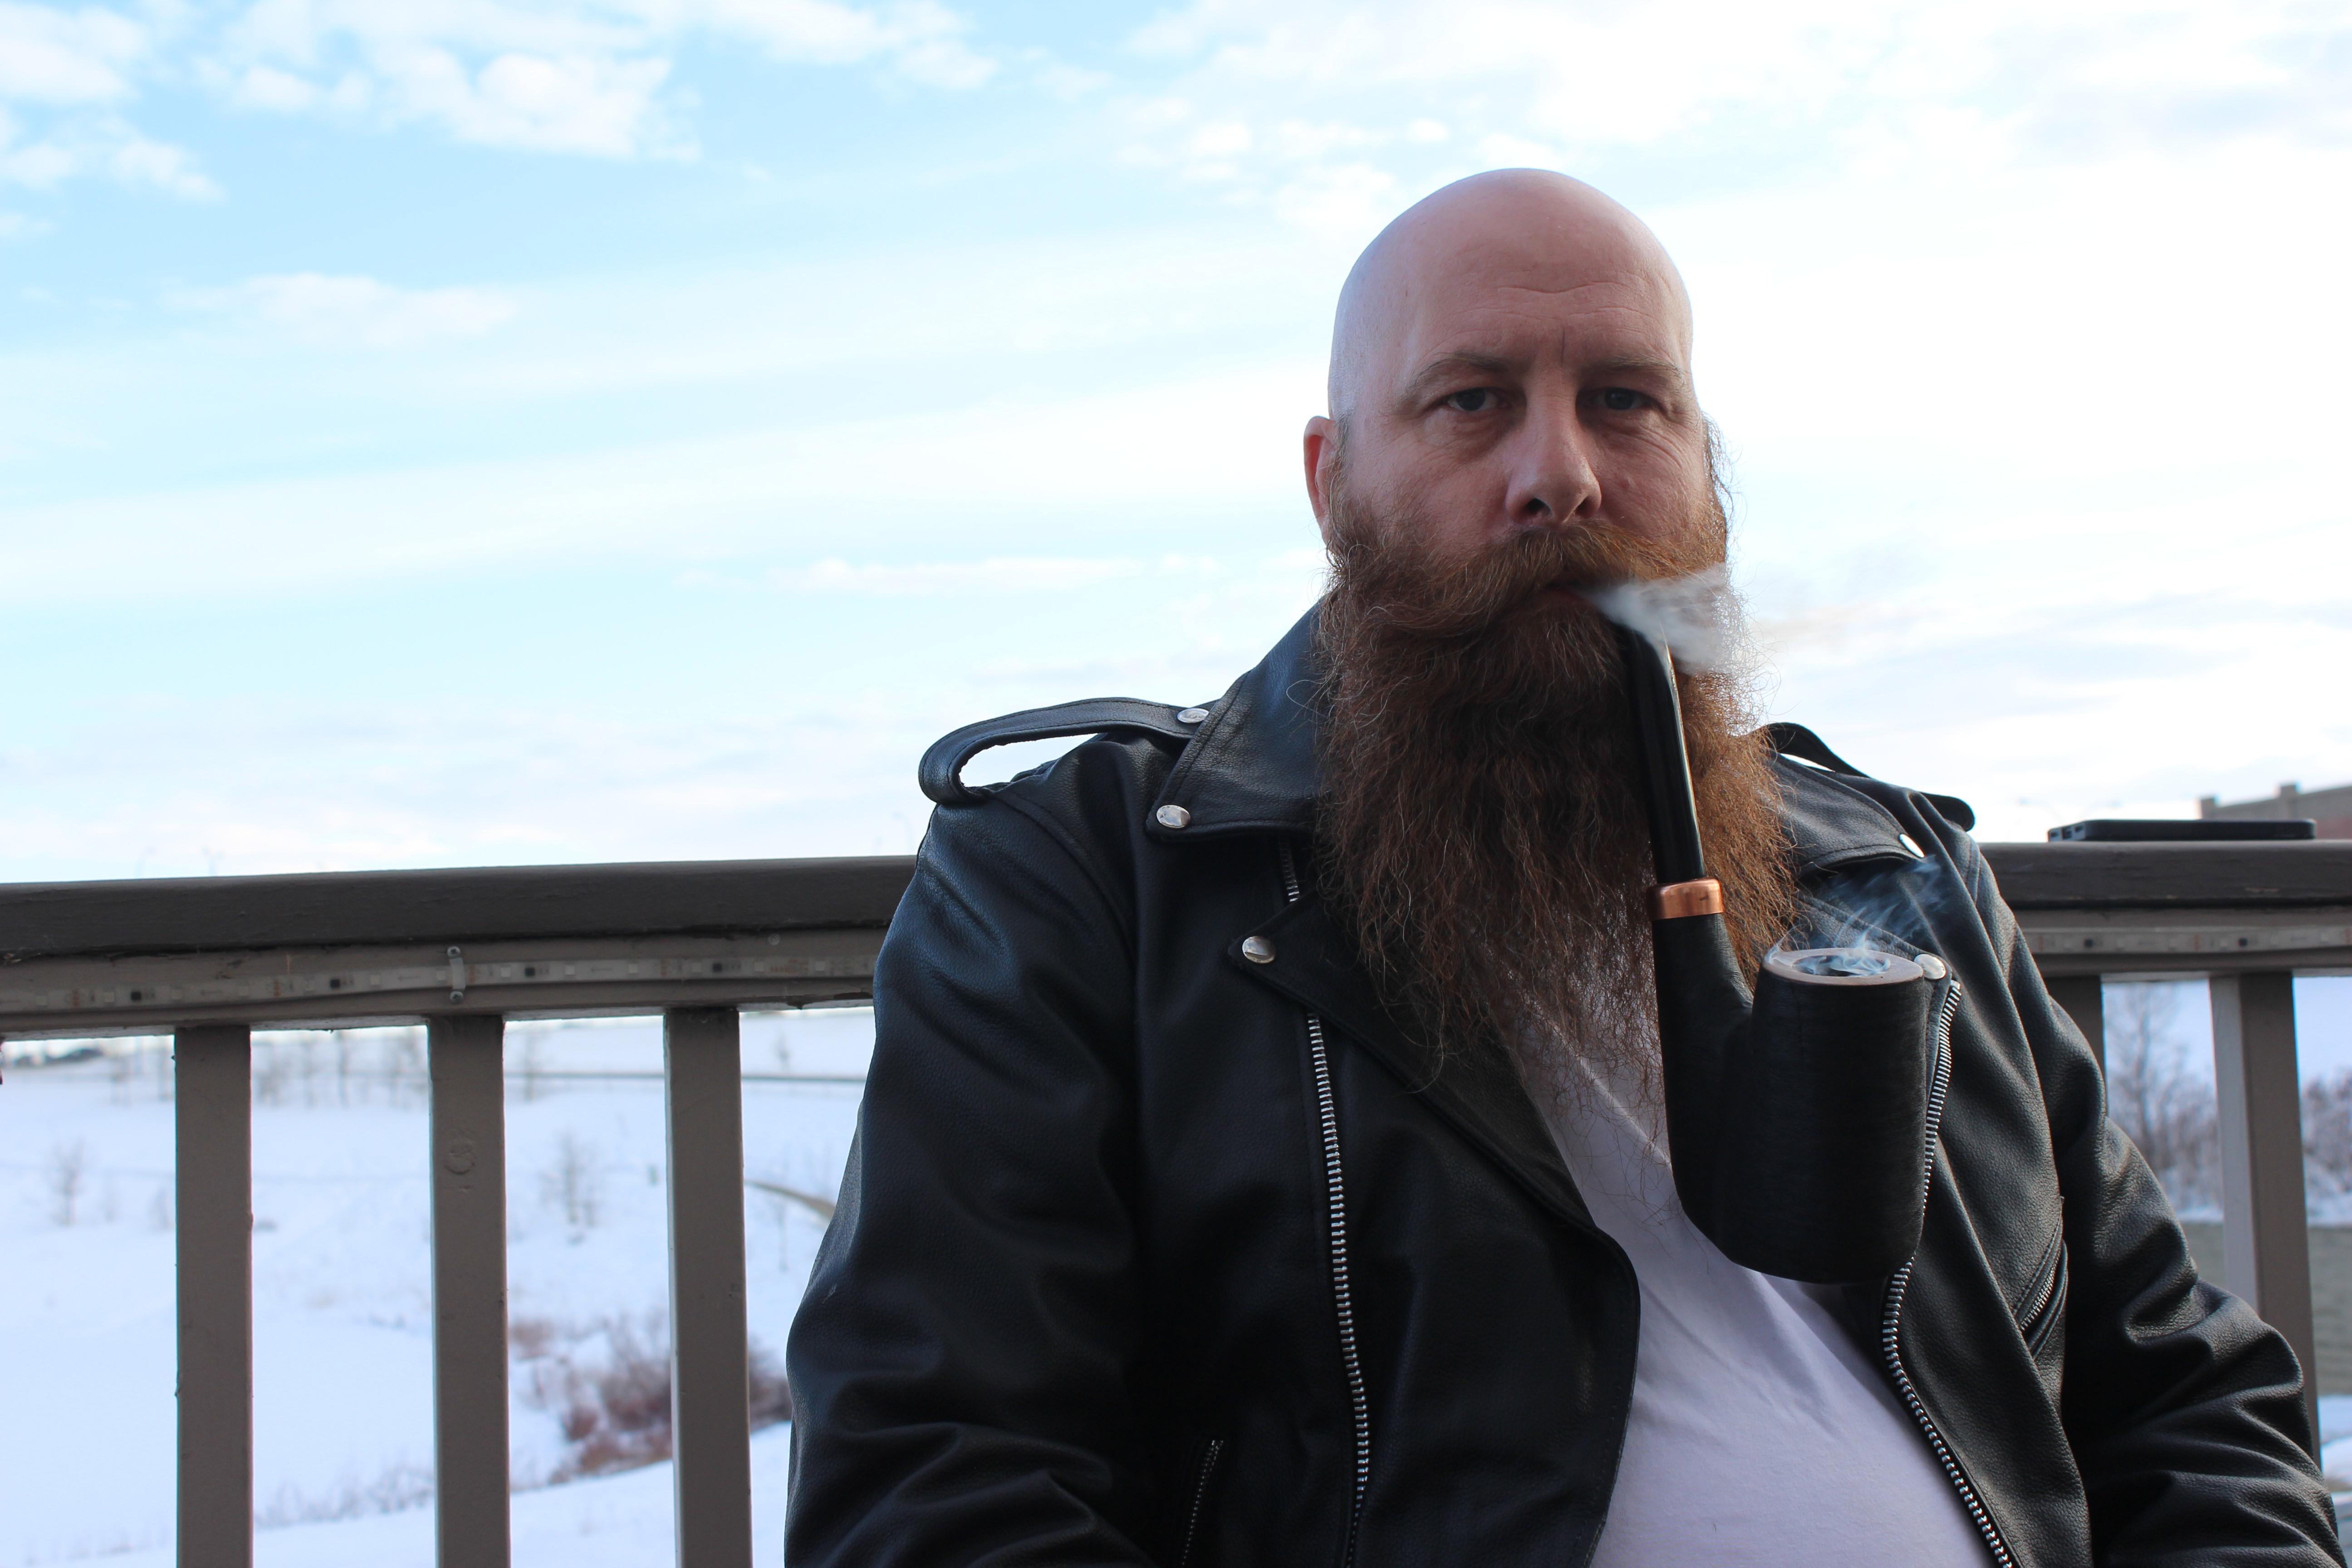 Tobacc&Smoke0286